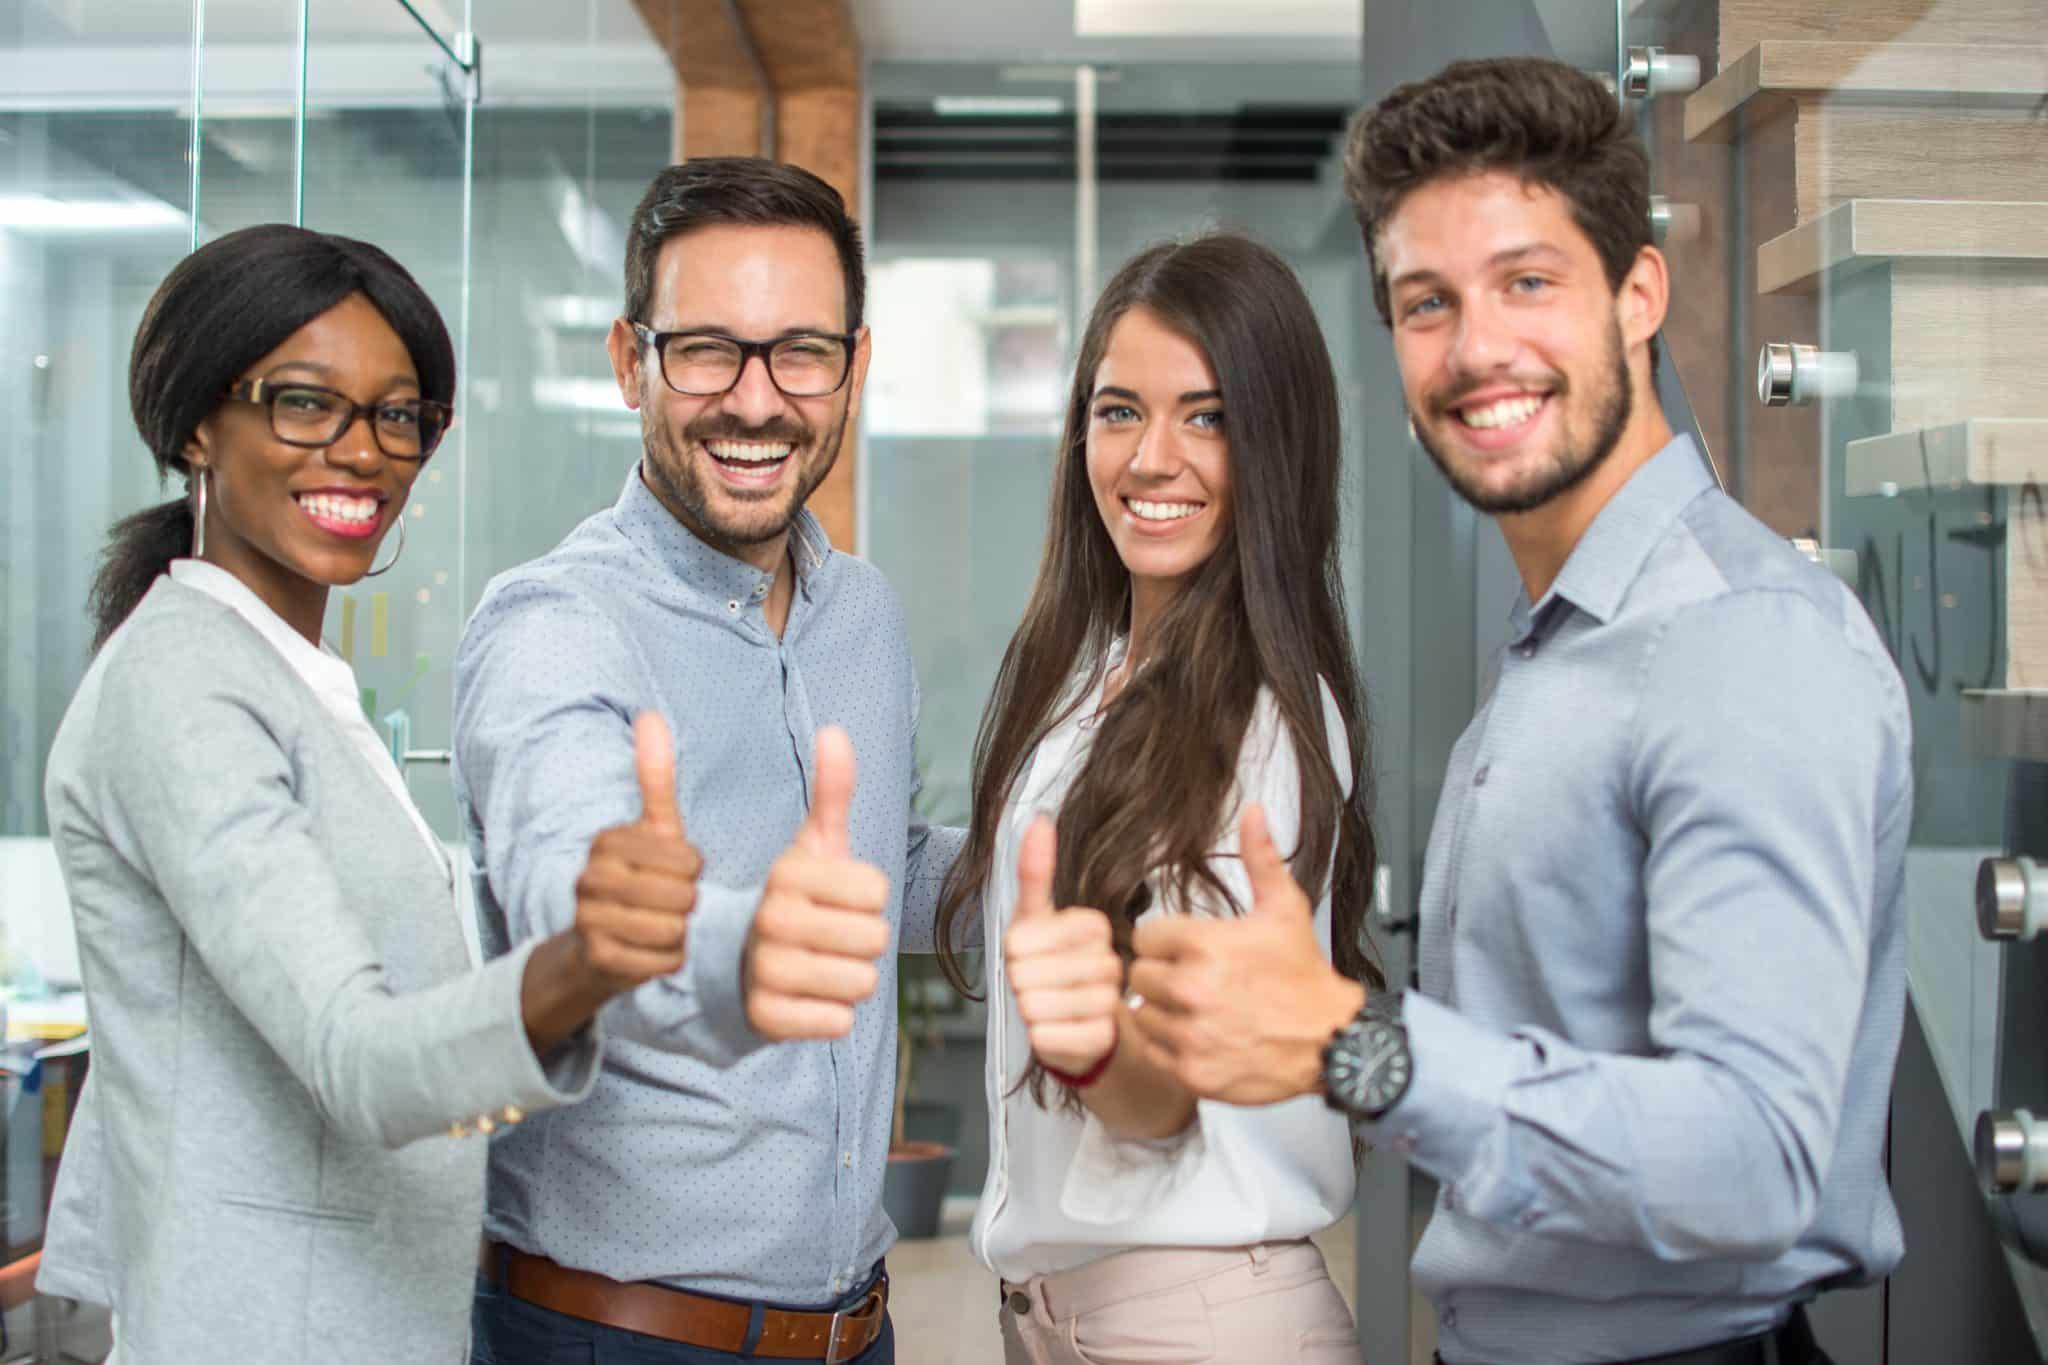 """Kommunikationstechniken – Wie Sie das """"Spiegeln"""" im Vertrieb nutzen - S&P Unternehmerforum"""